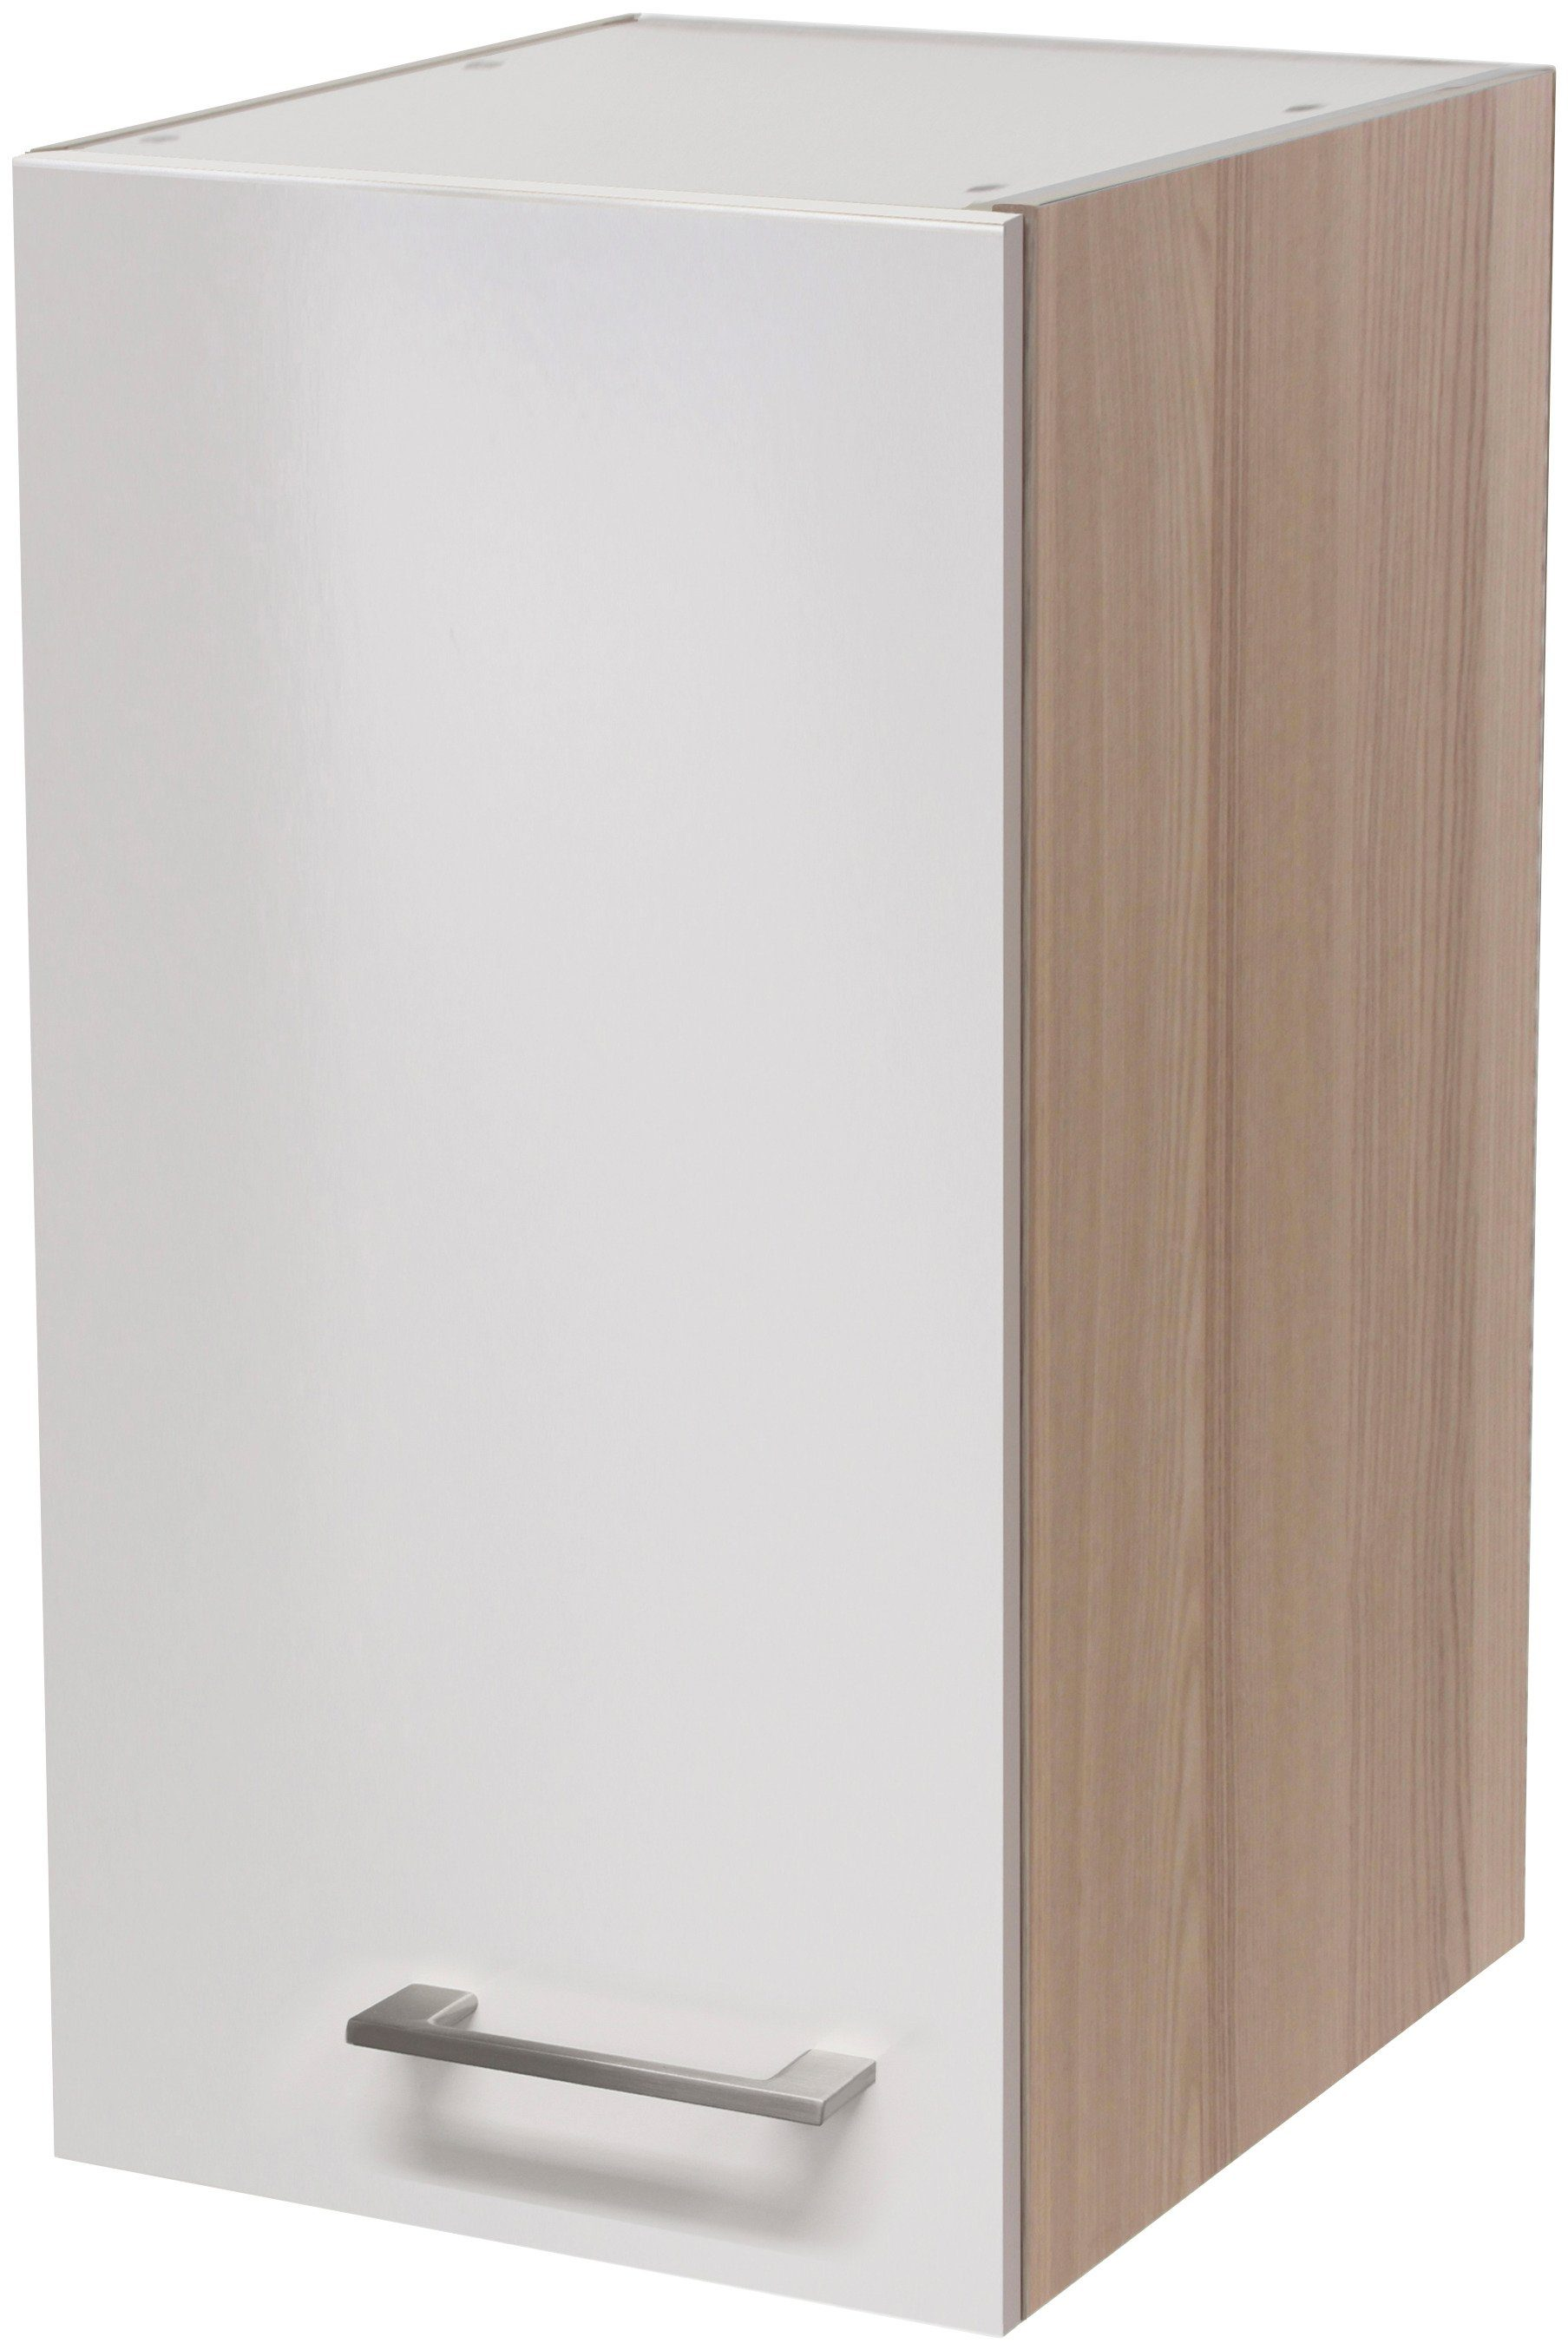 Küchenhängeschrank »Oregon«, Breite 30 cm